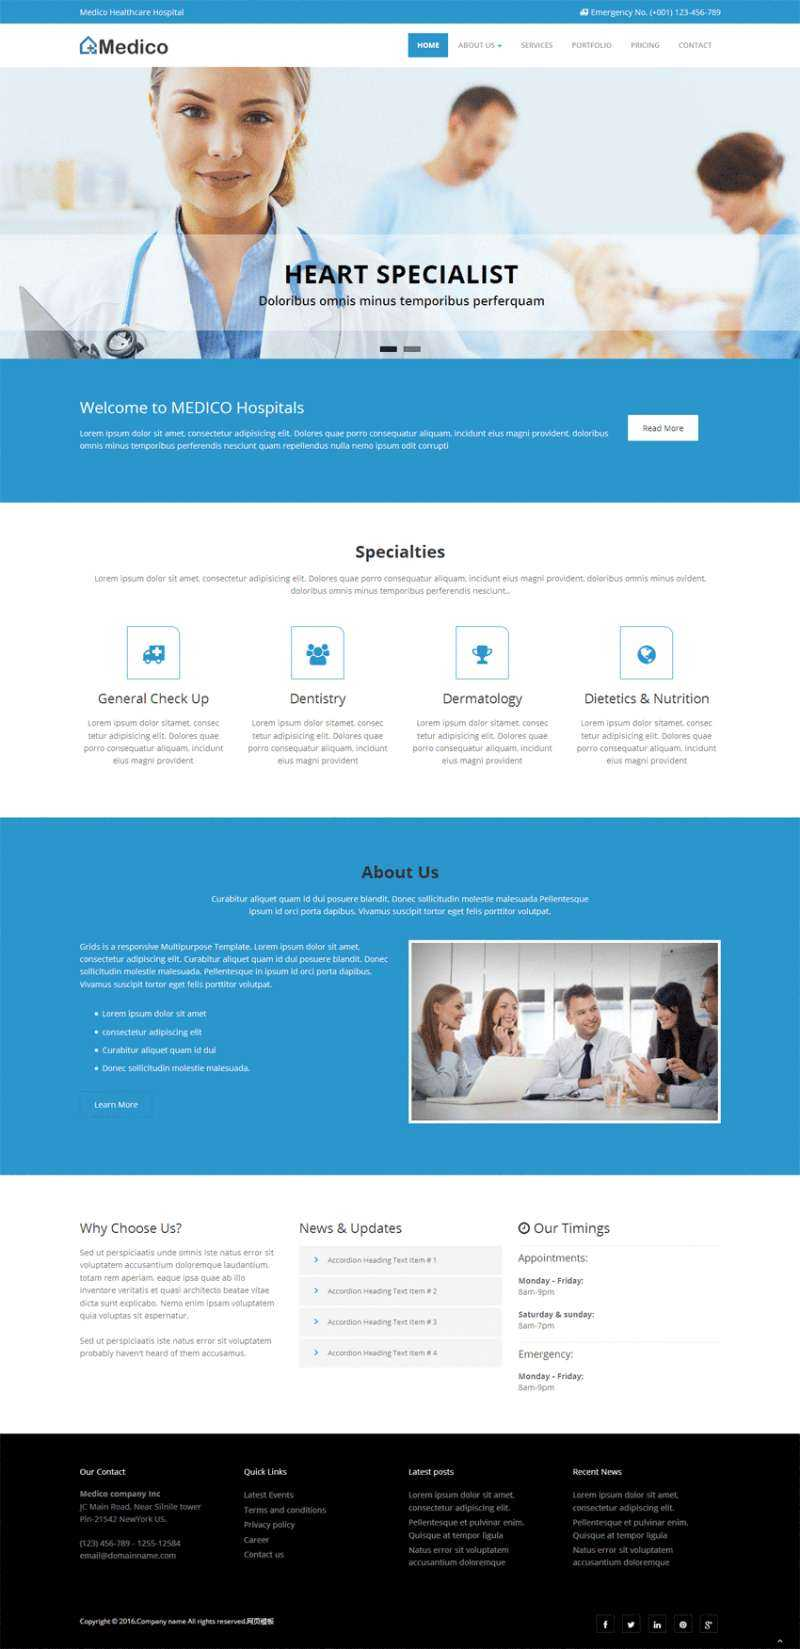 蓝色简洁的牙科医院网站静态模板全套